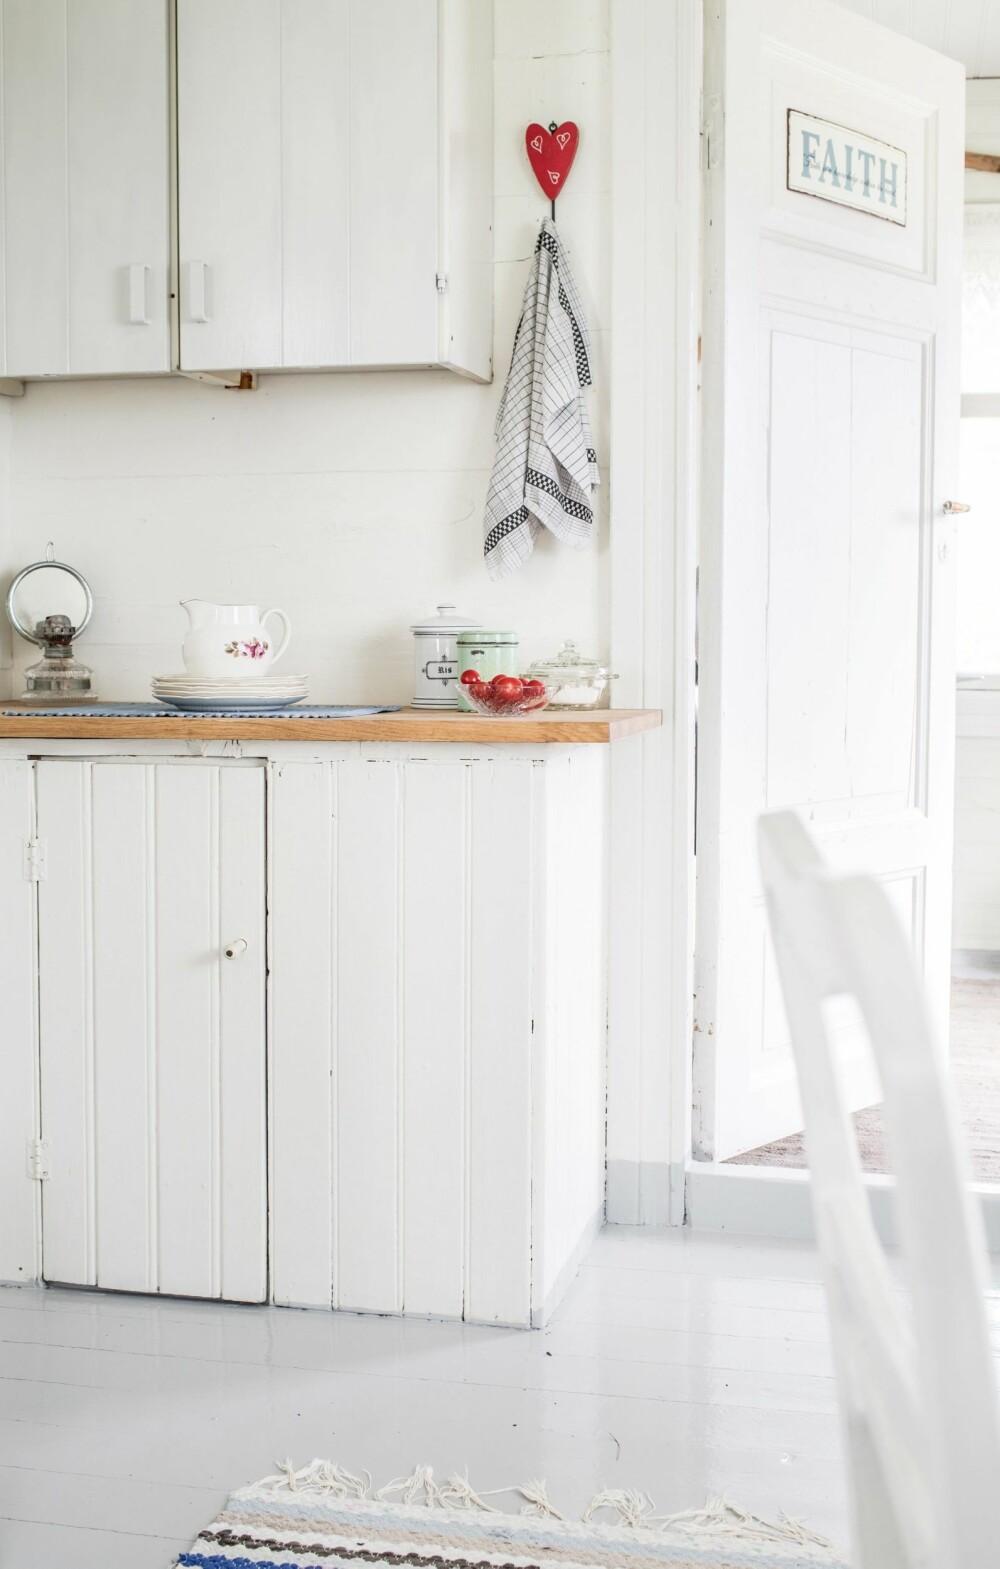 NOSTALGI: Underskapet utgjorde en gang et helt kjøkken. Selv om tidene har endret seg, holdes interiøret fortsatt enkelt.